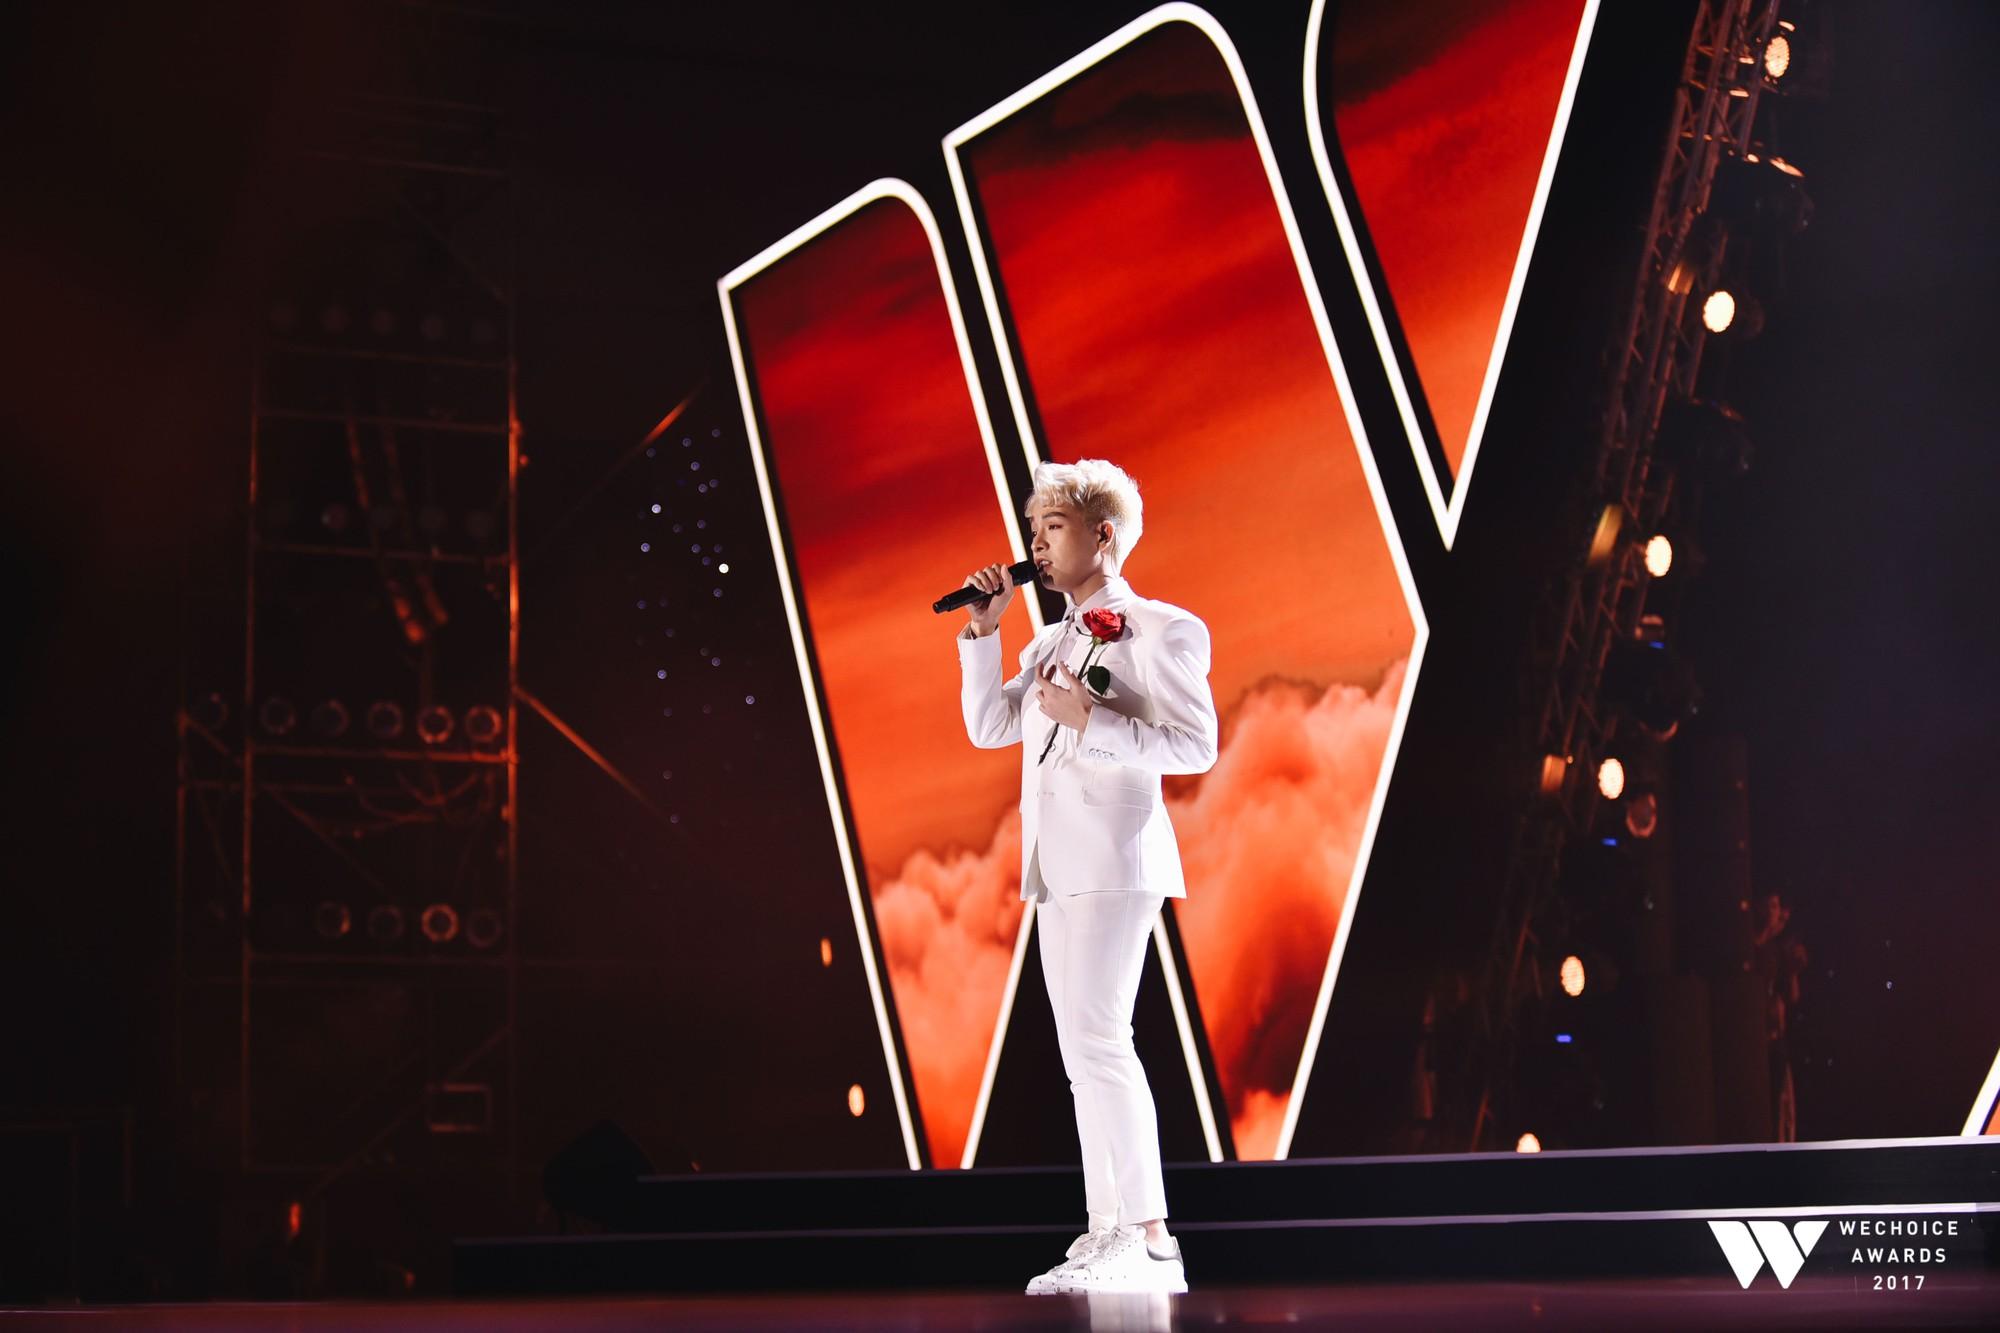 Khoảnh khắc WeChoice Awards: Đẹp nhất là khi Sơn Tùng, bé Bôm và các nghệ sĩ Việt cùng chậm lại trong dòng cảm xúc vỡ òa - Ảnh 21.